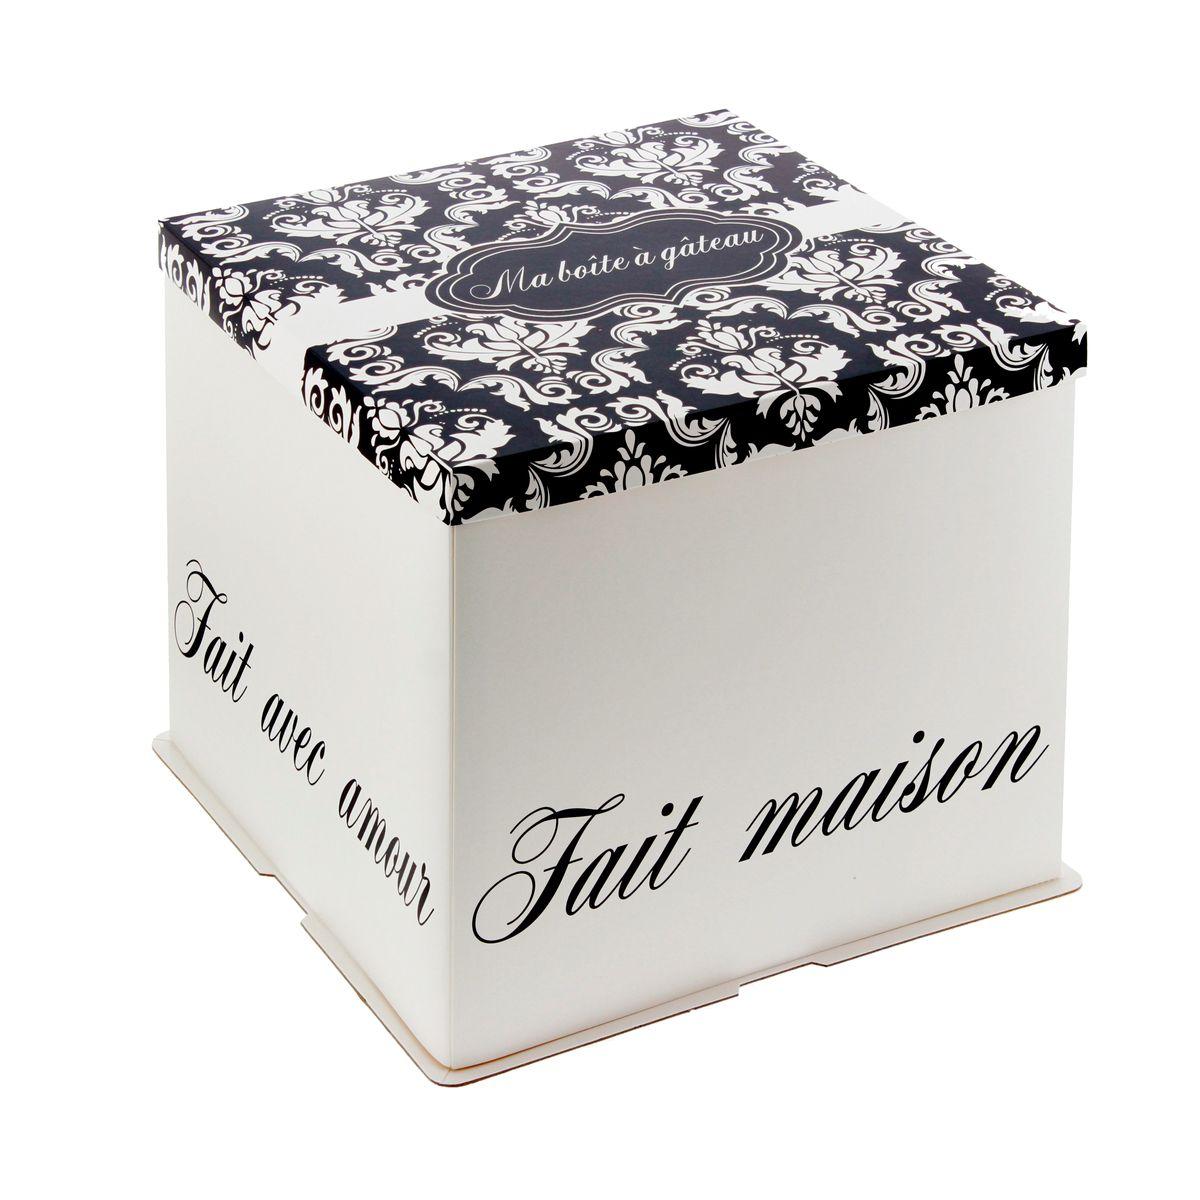 Boîte à gâteaux blanche et noire 31 x 31 x 26 cm - Patisdecor